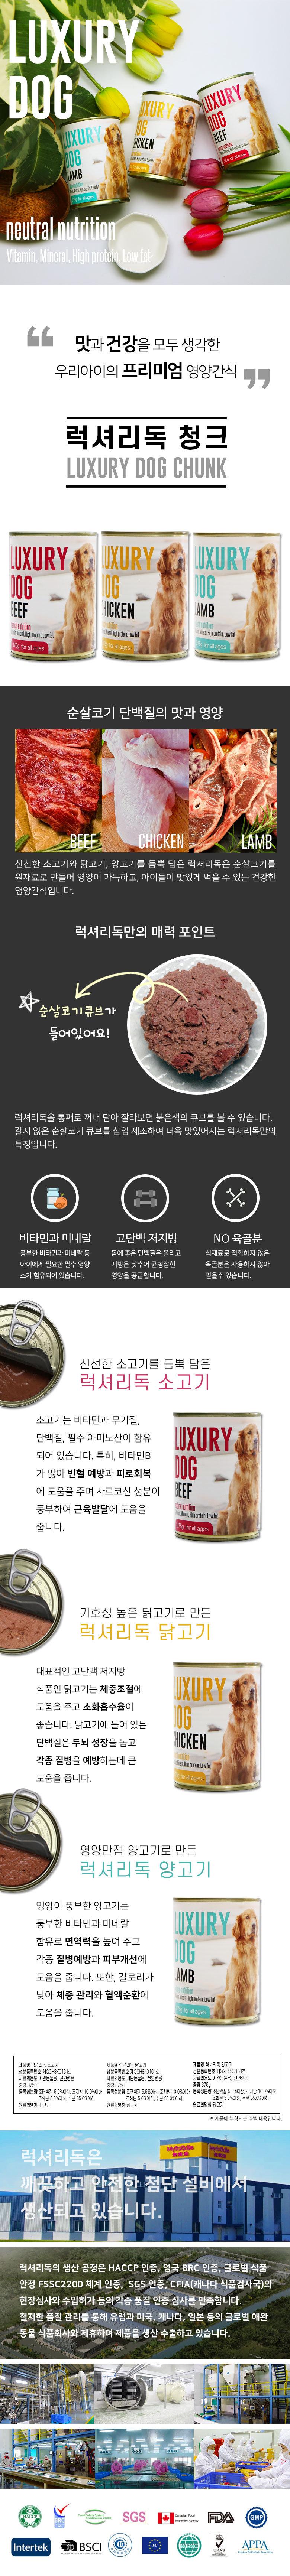 [1+1] 럭셔리독 양고기 캔 375g